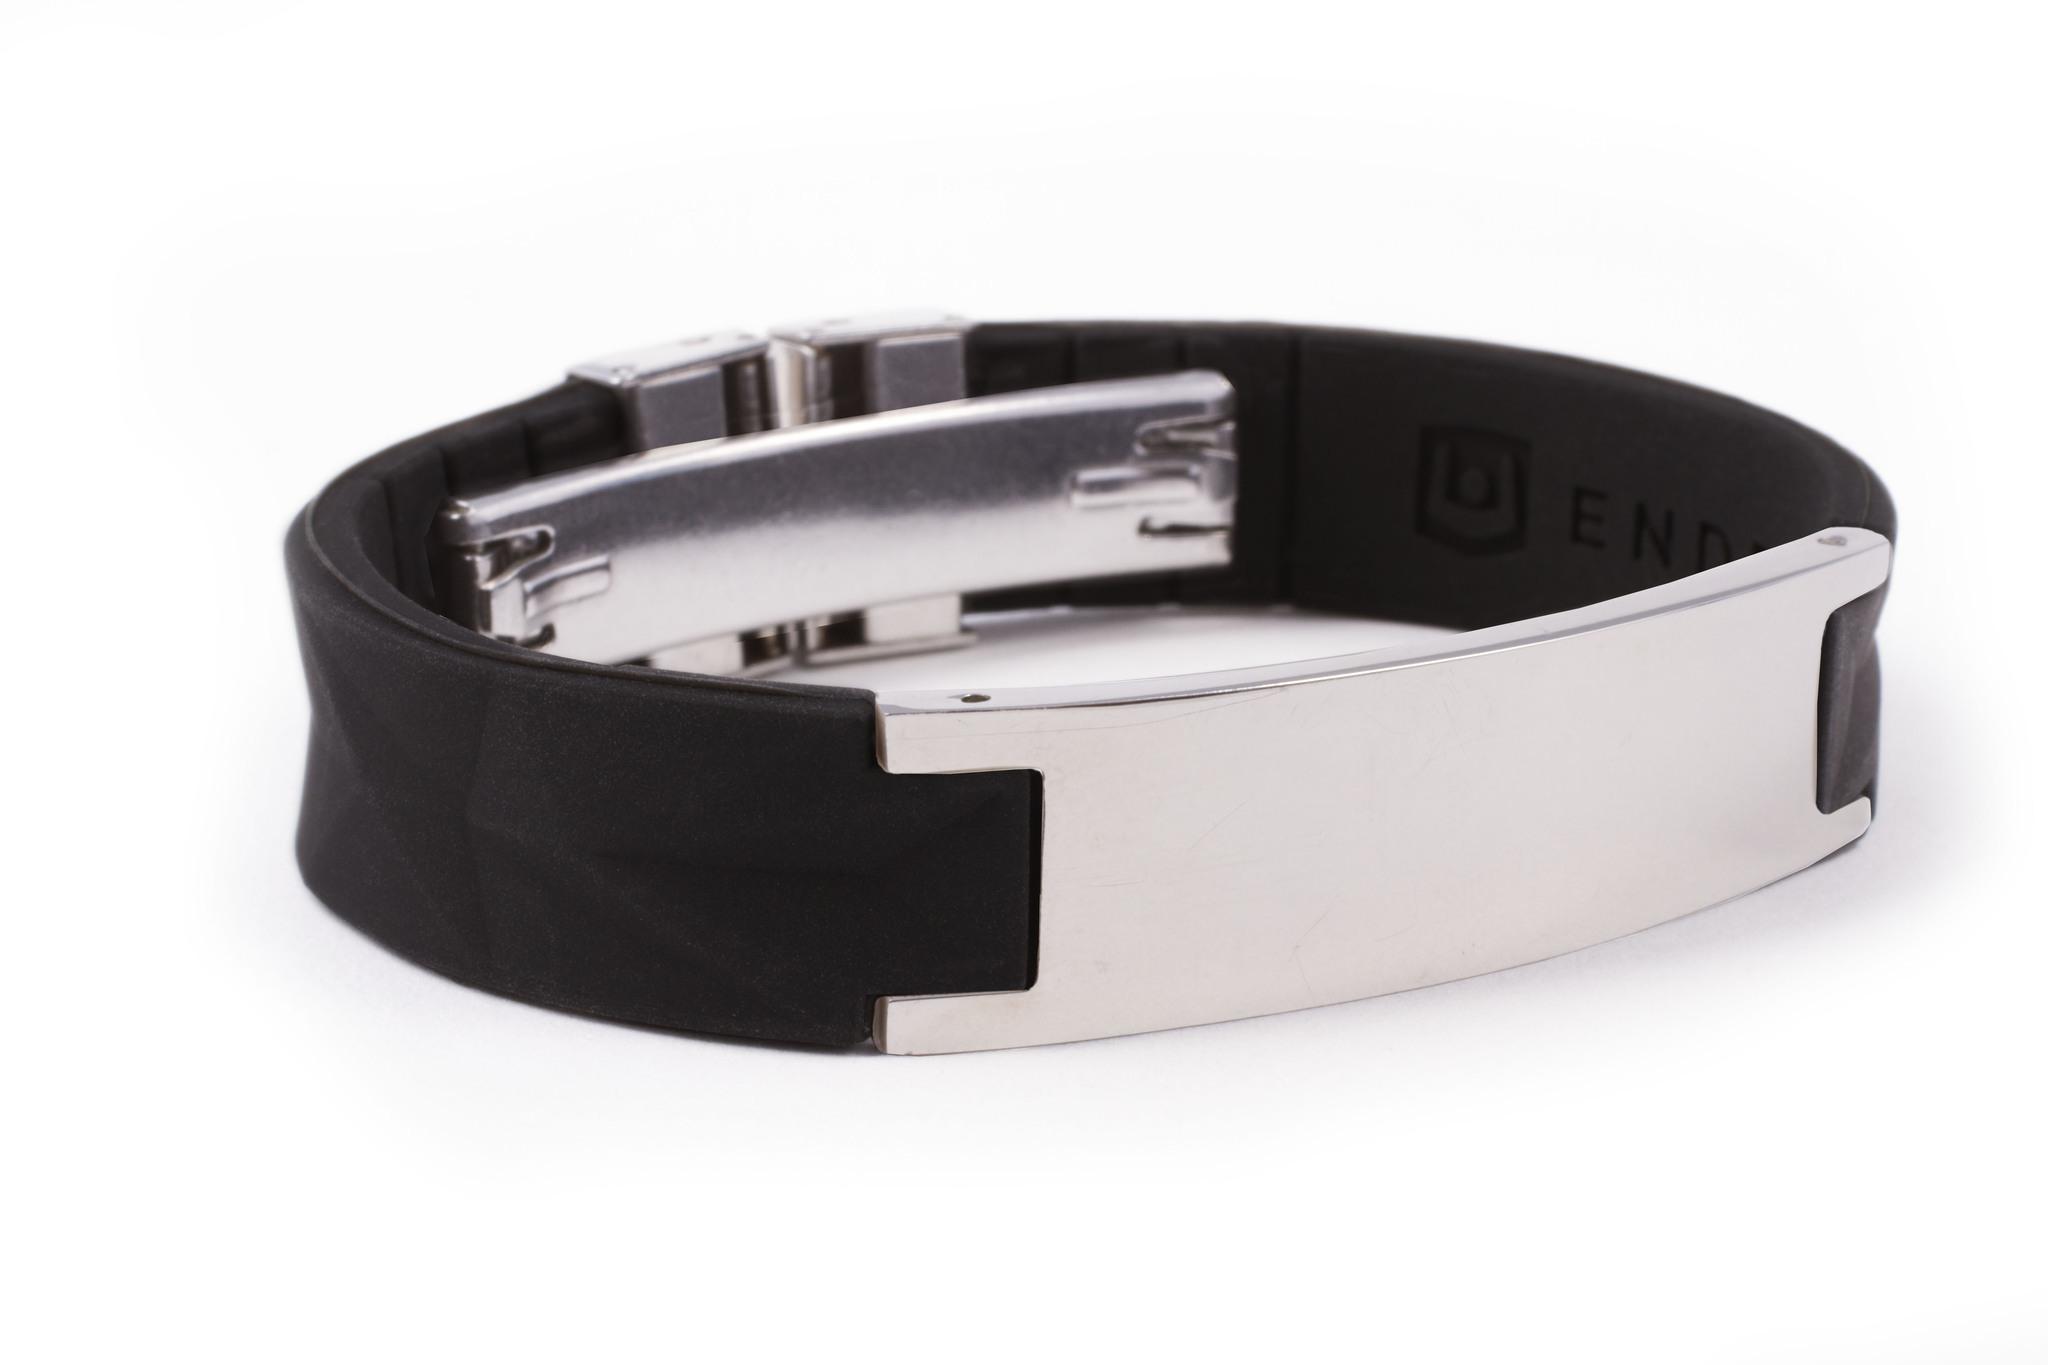 Браслет PureStrength T1i New серия черный/серебристый Уцененный, небольшие царапины на металлической вставке